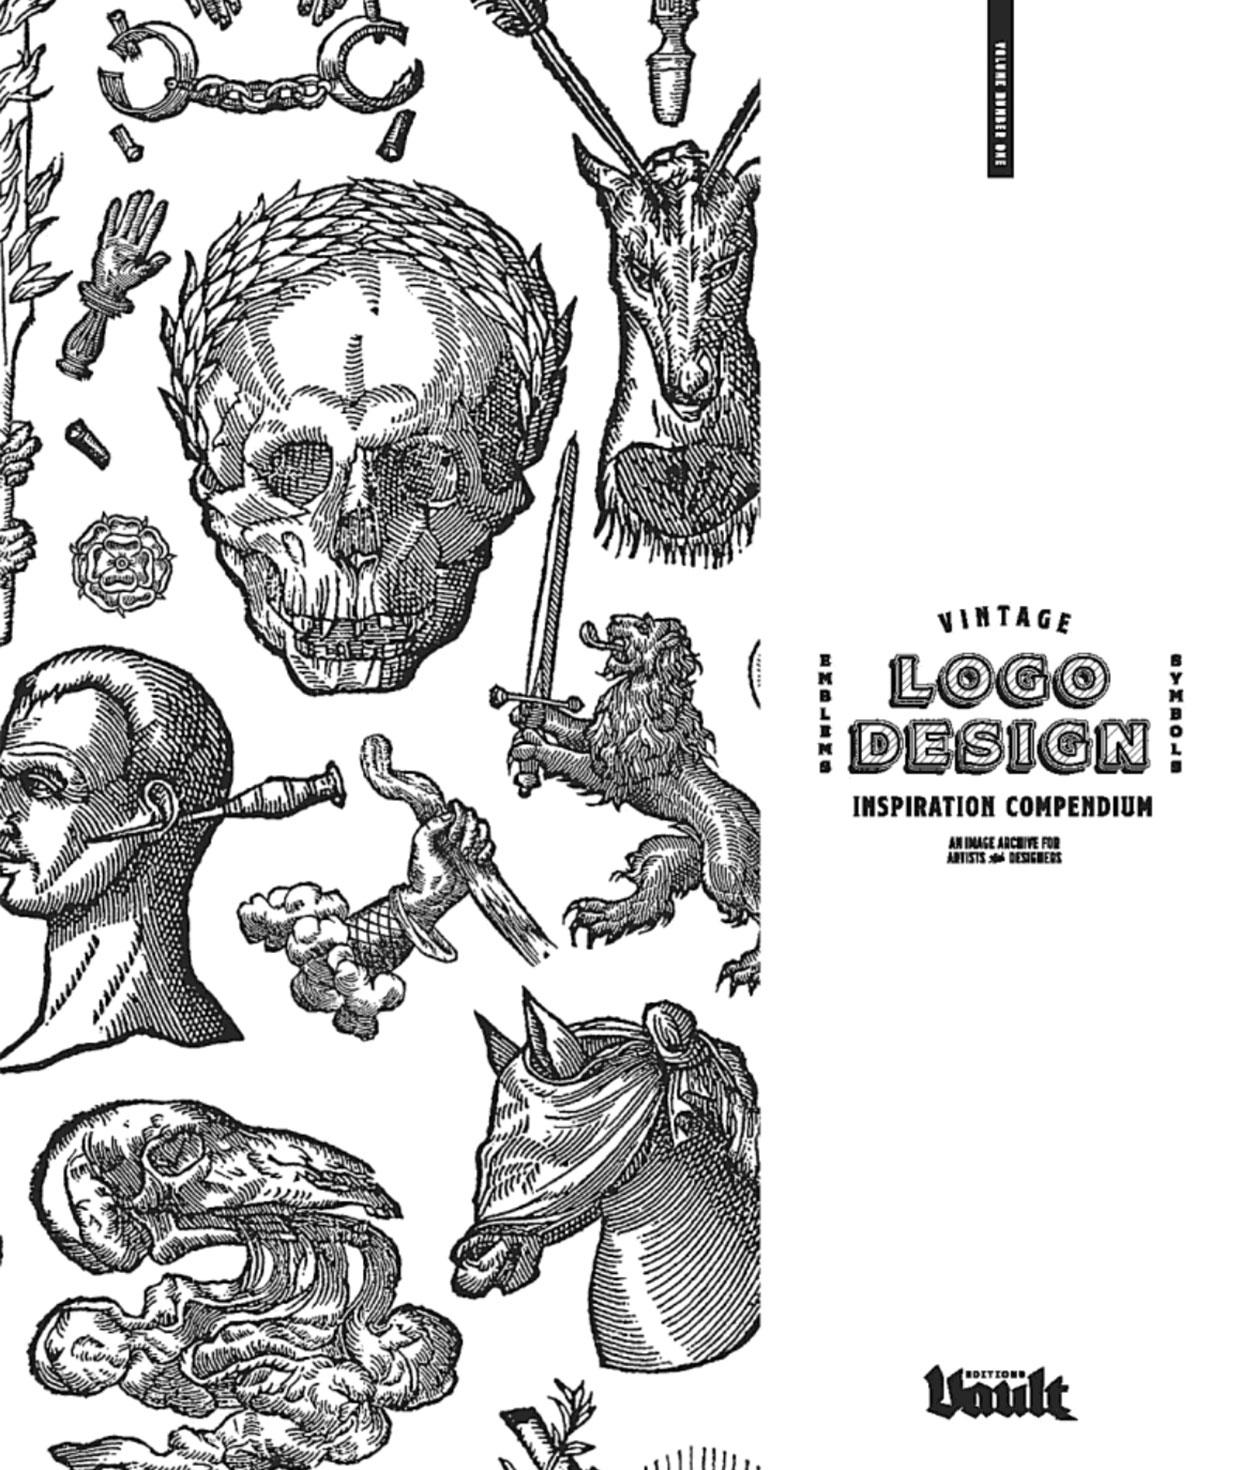 Vintage Logo Design Inspiration Compendium